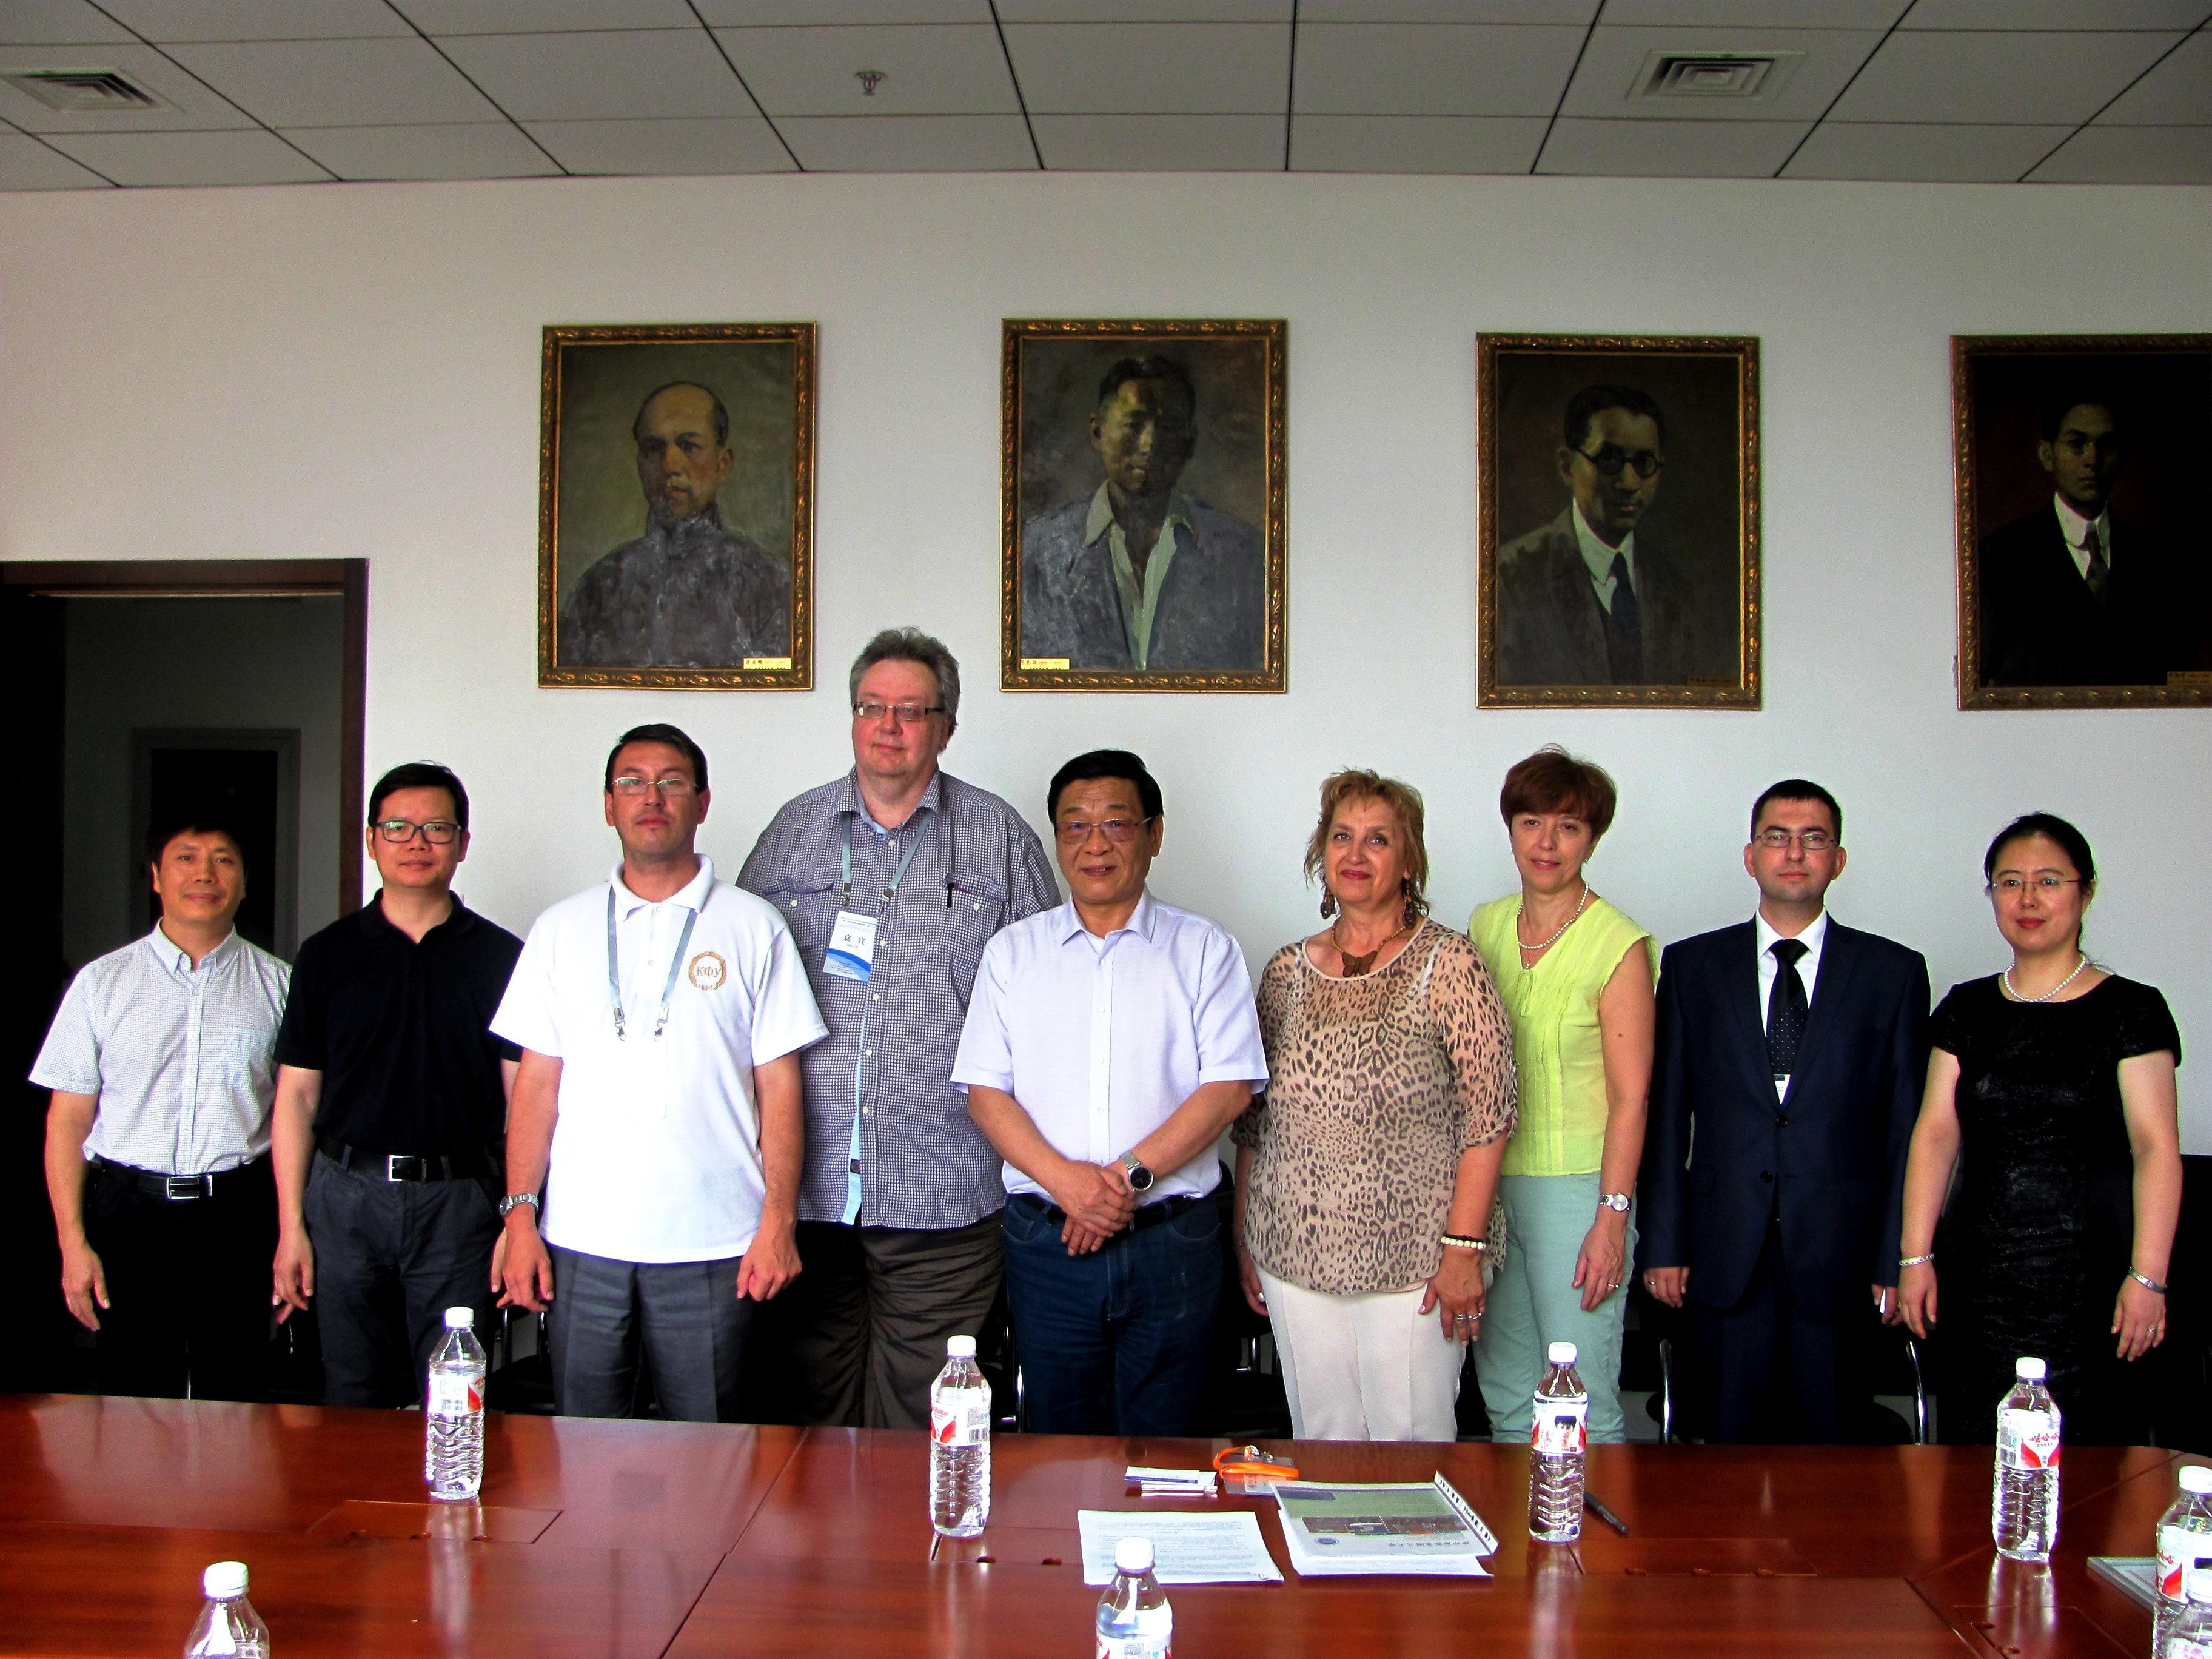 Памятная и историческая фотография с китайскими коллегами